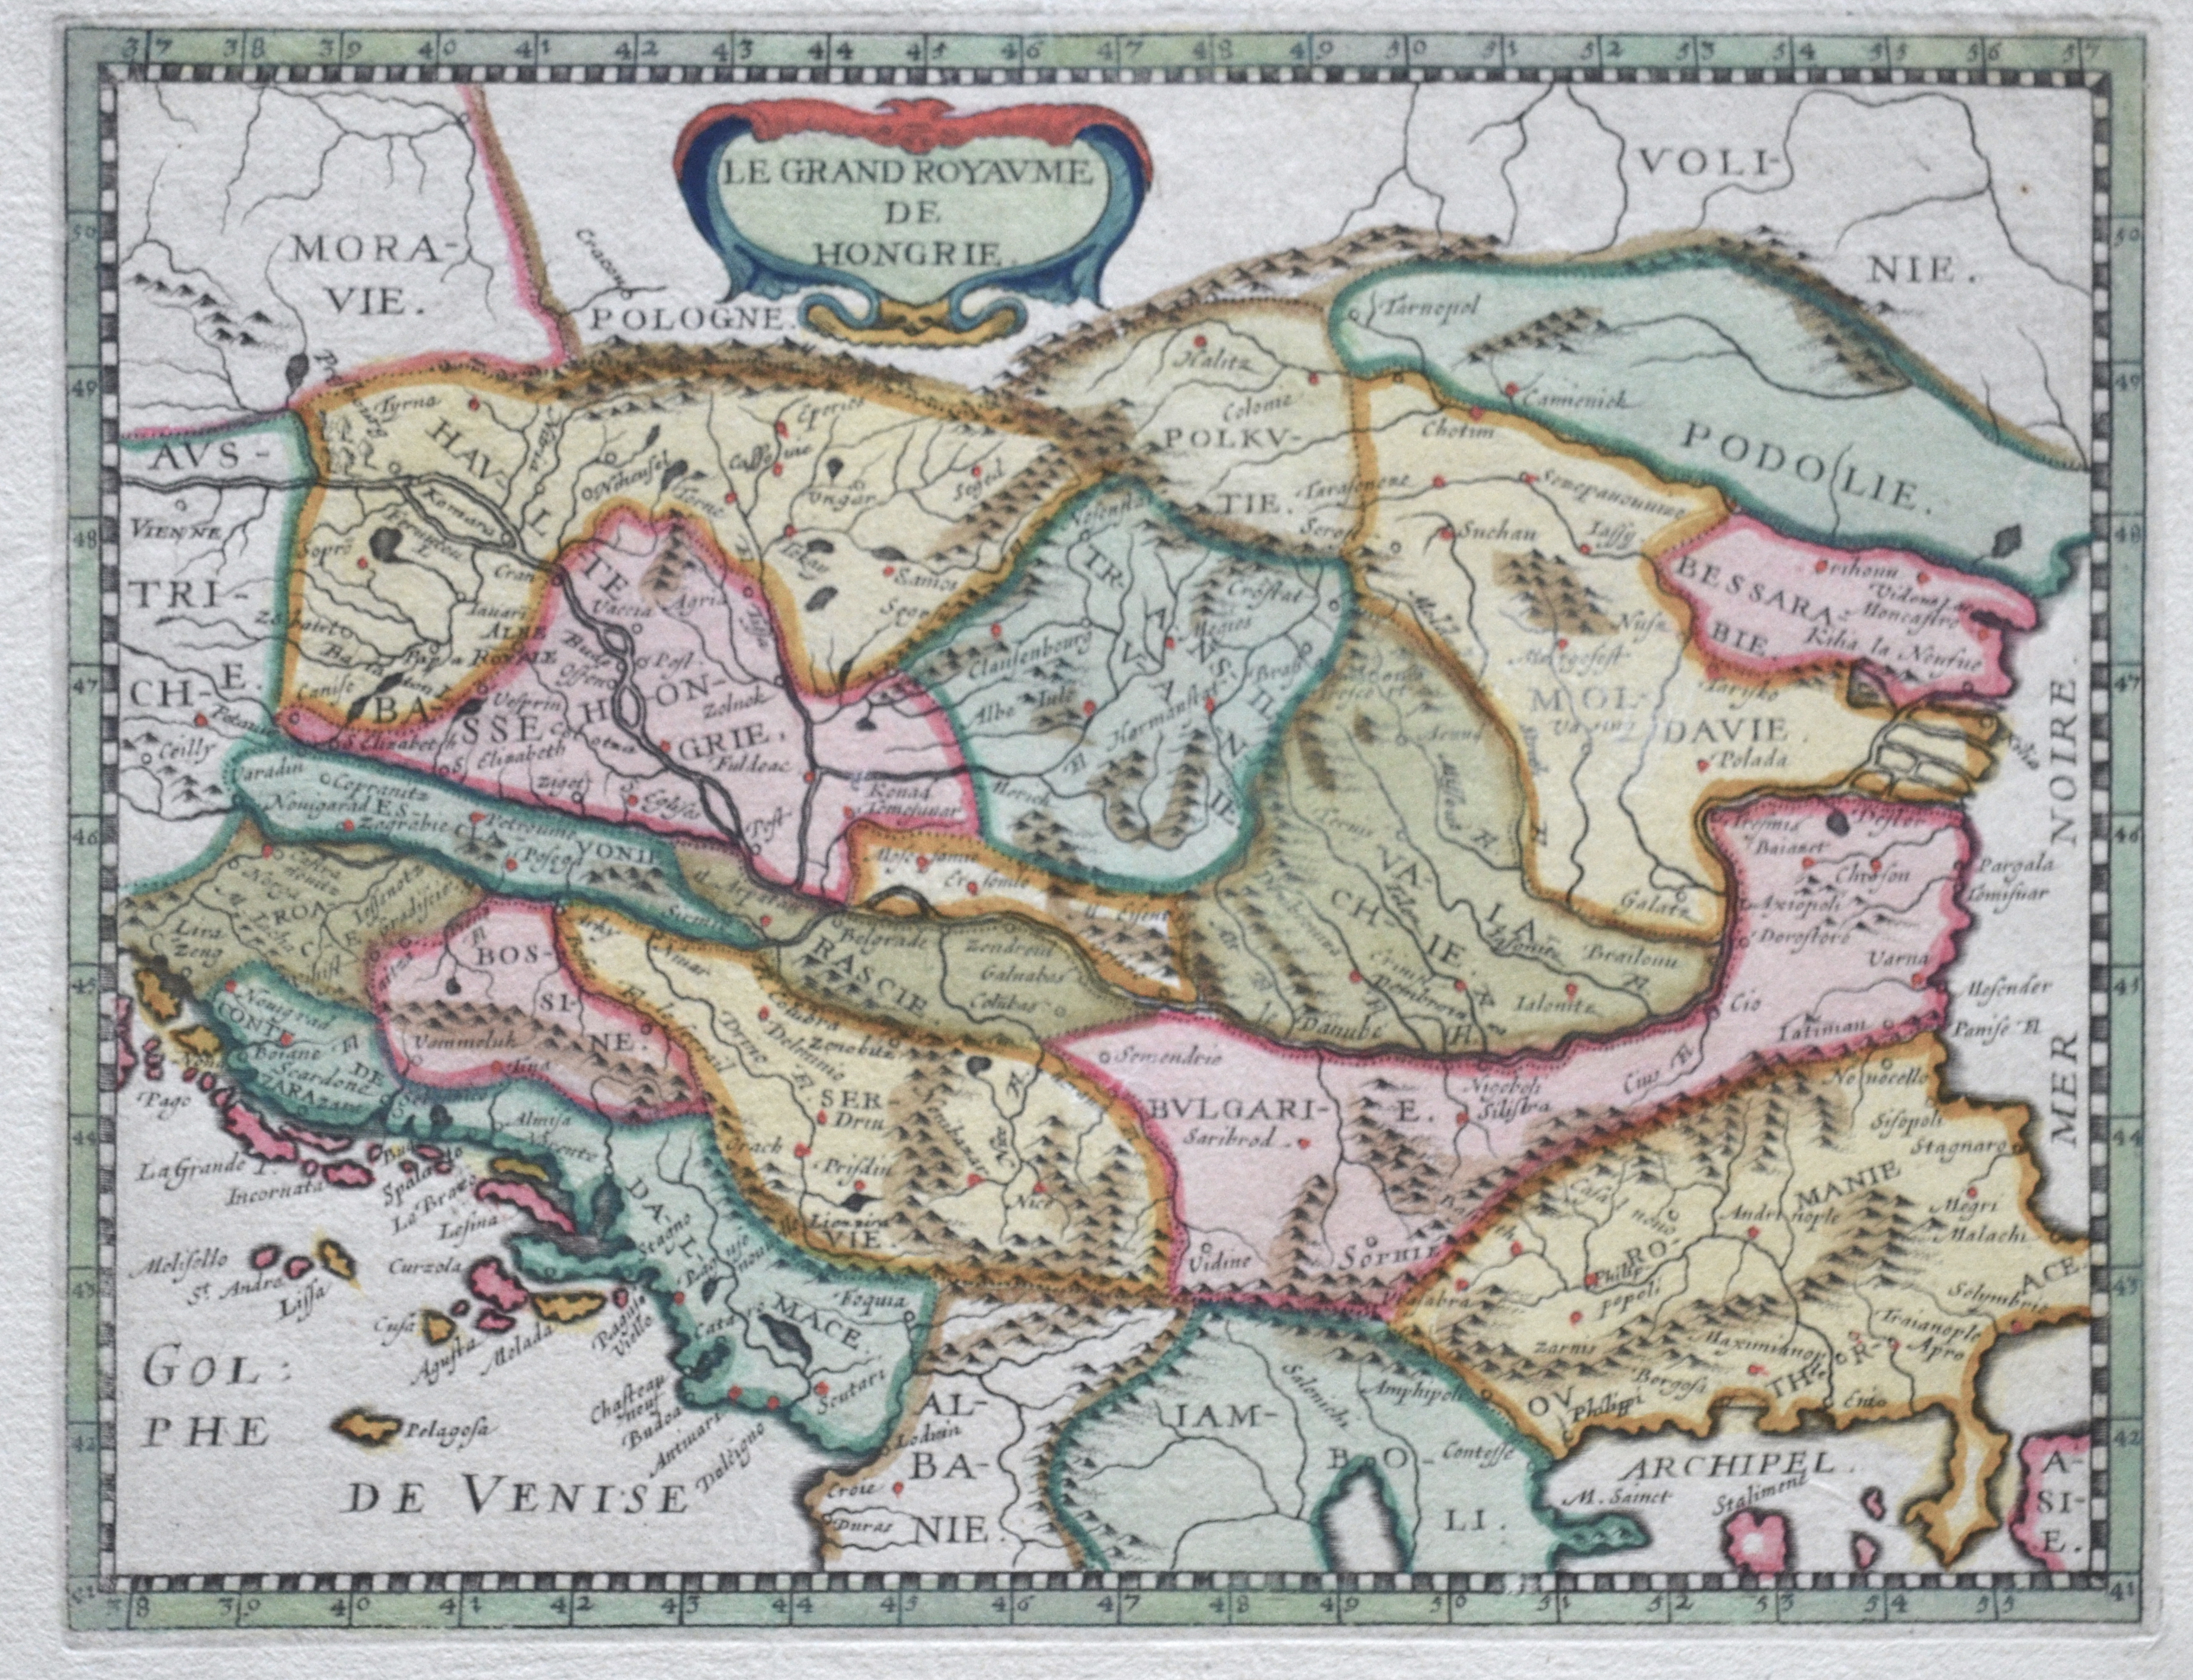 Anonymus  Le Grand Royaume de Hongrie.